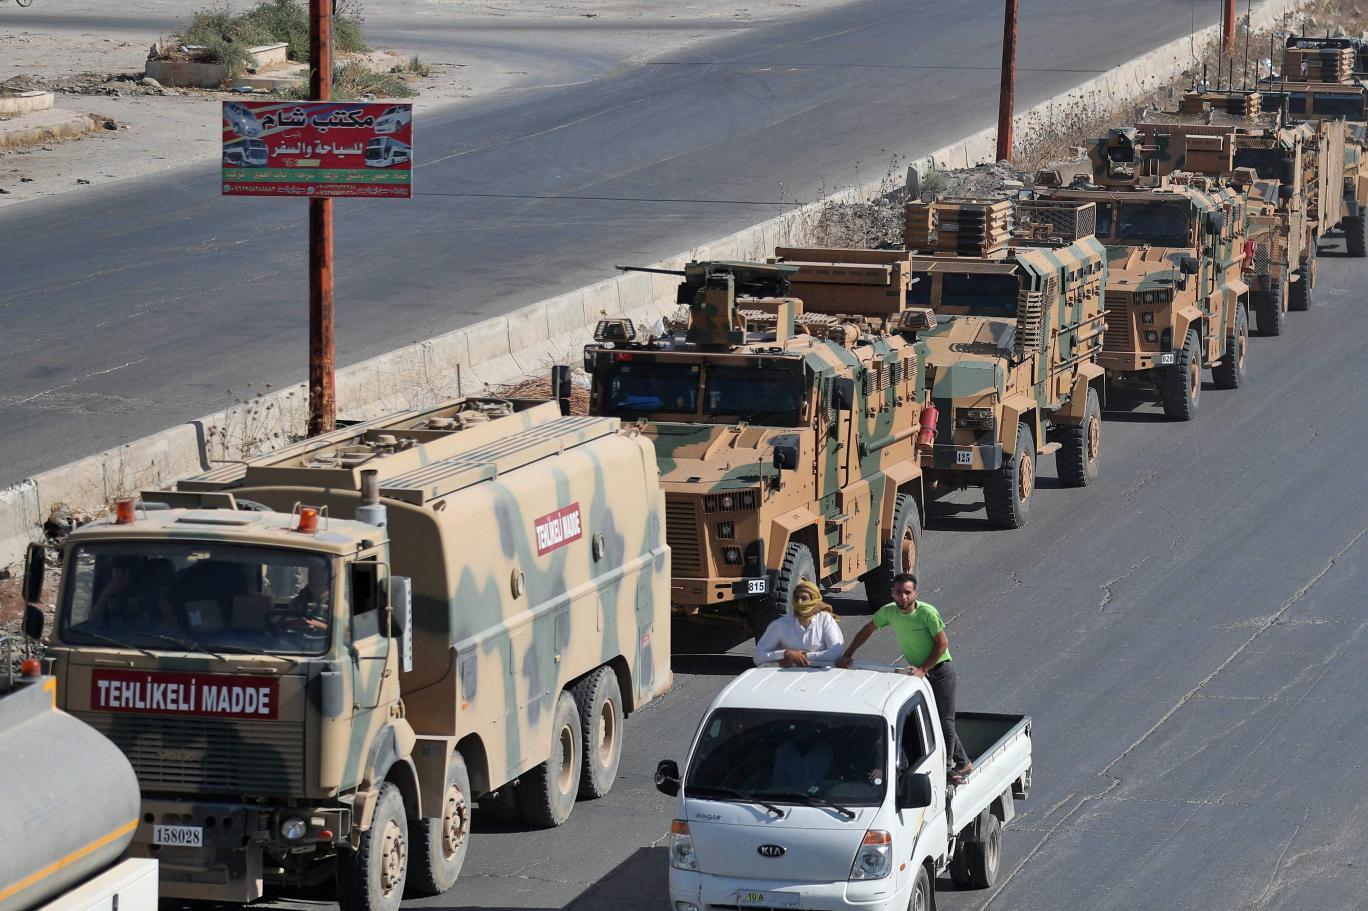 Ψήφισμα ΟΗΕ για τη Λιβύη: Εκτός προσχεδίου η αναφορά σε «μισθοφόρους